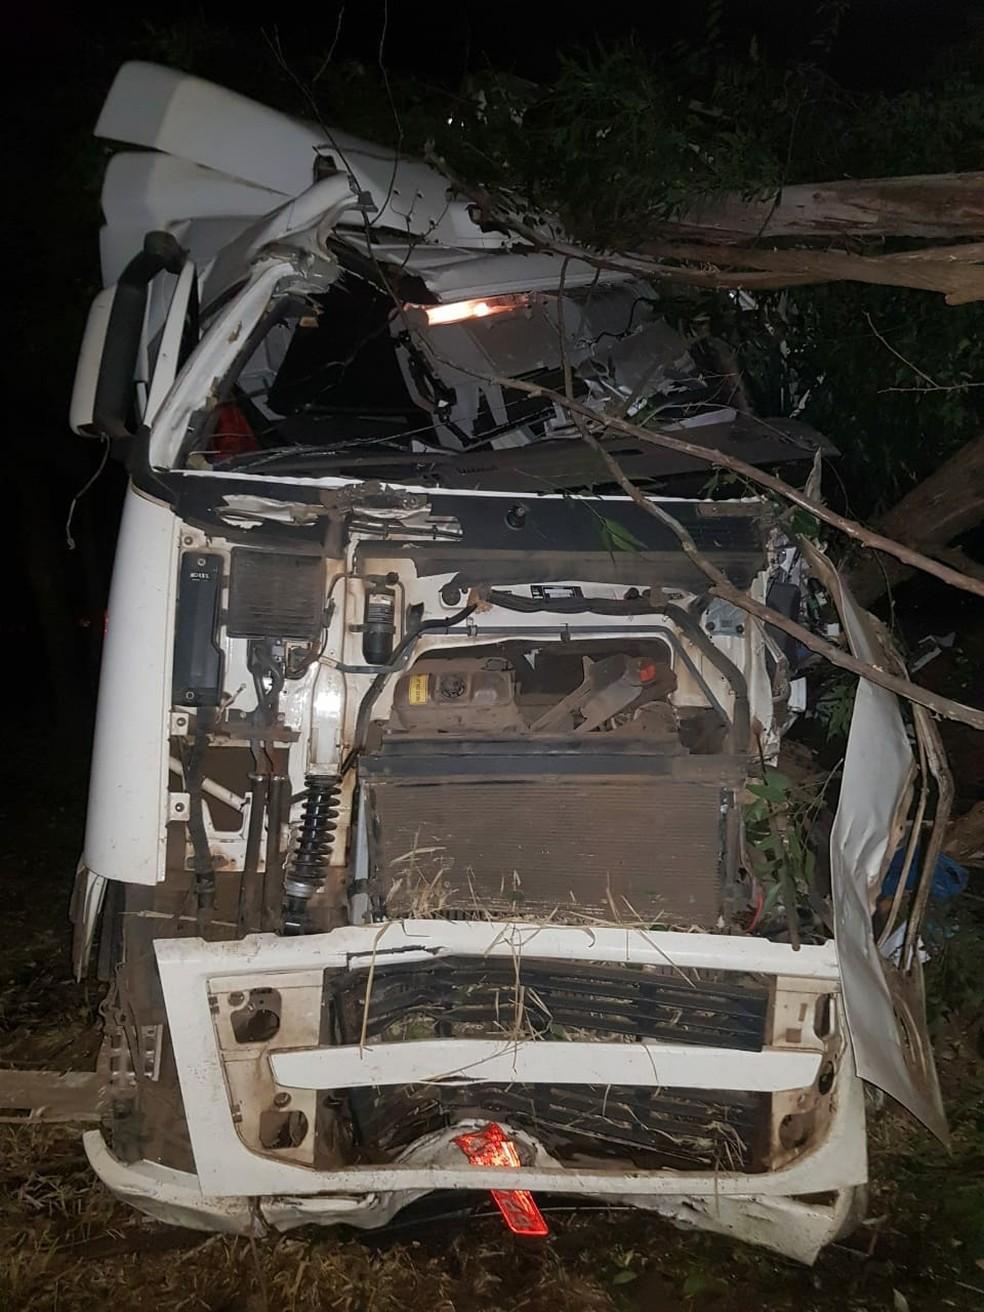 Caminhão desviou de carros e bateu em árvores às margens da rodovia SP-379 (Foto: Arquivo pessoal)